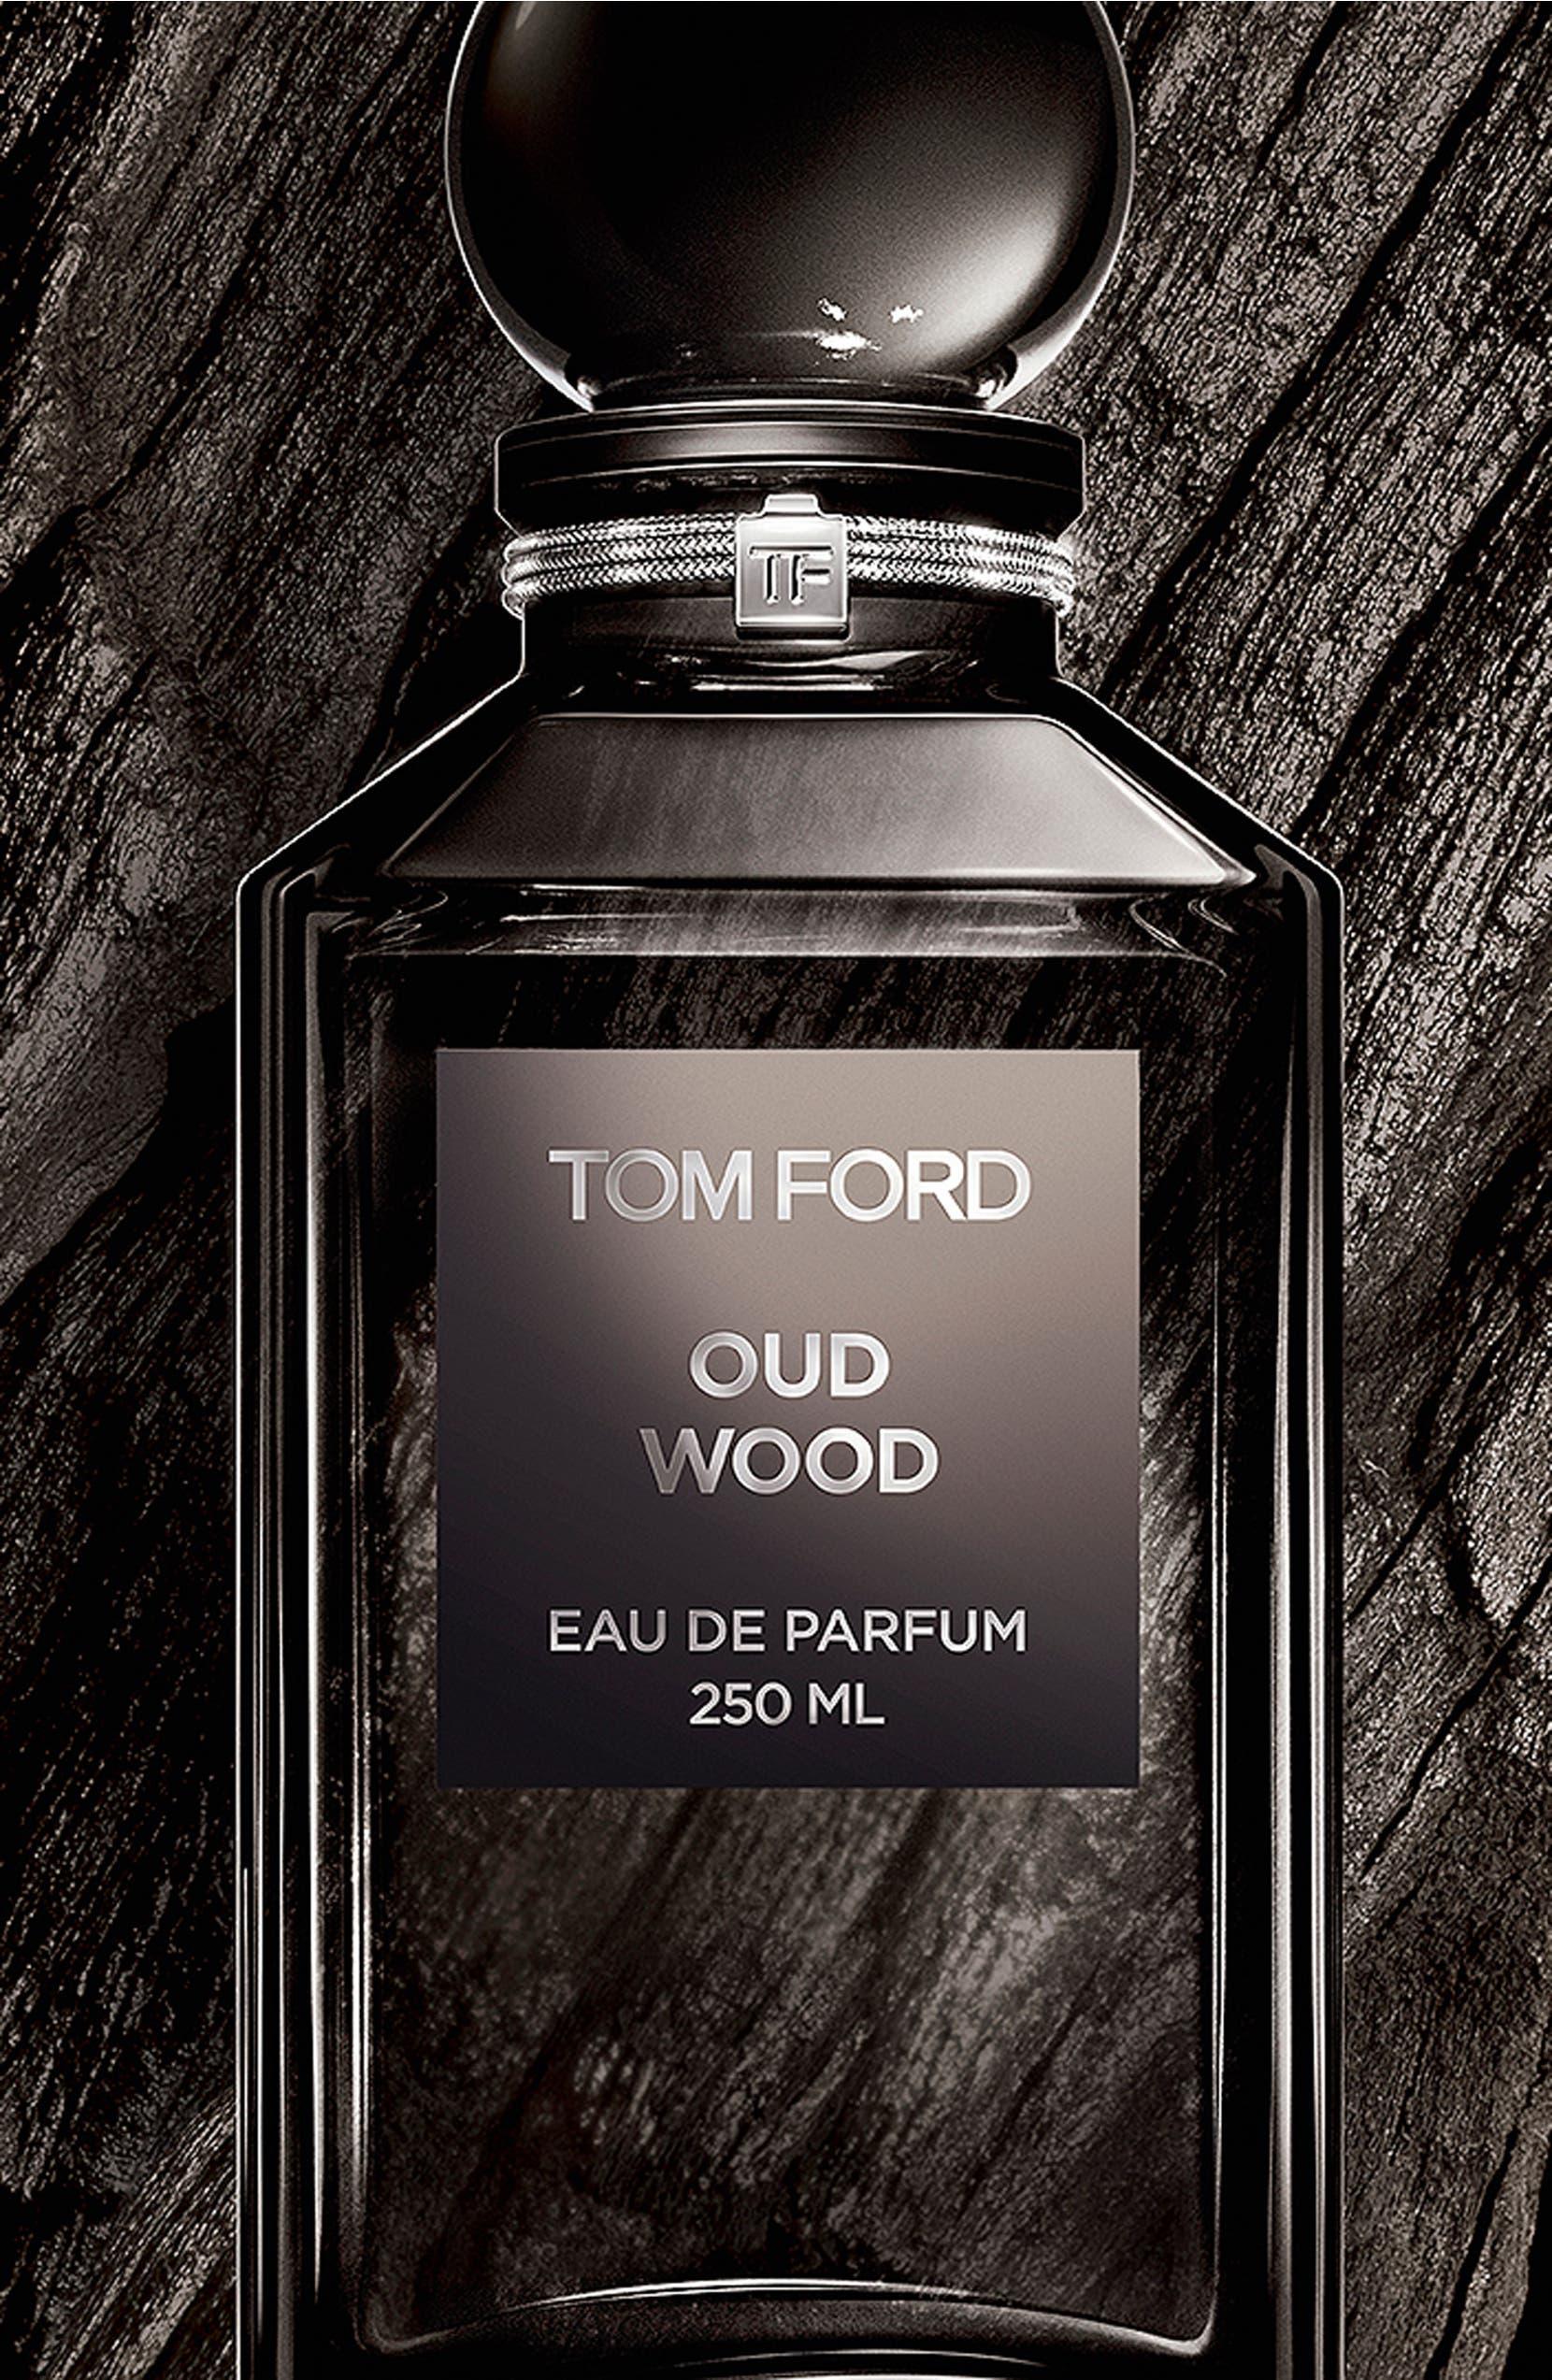 Tom Ford Private Blend Oud Wood Eau De Parfum Nordstrom